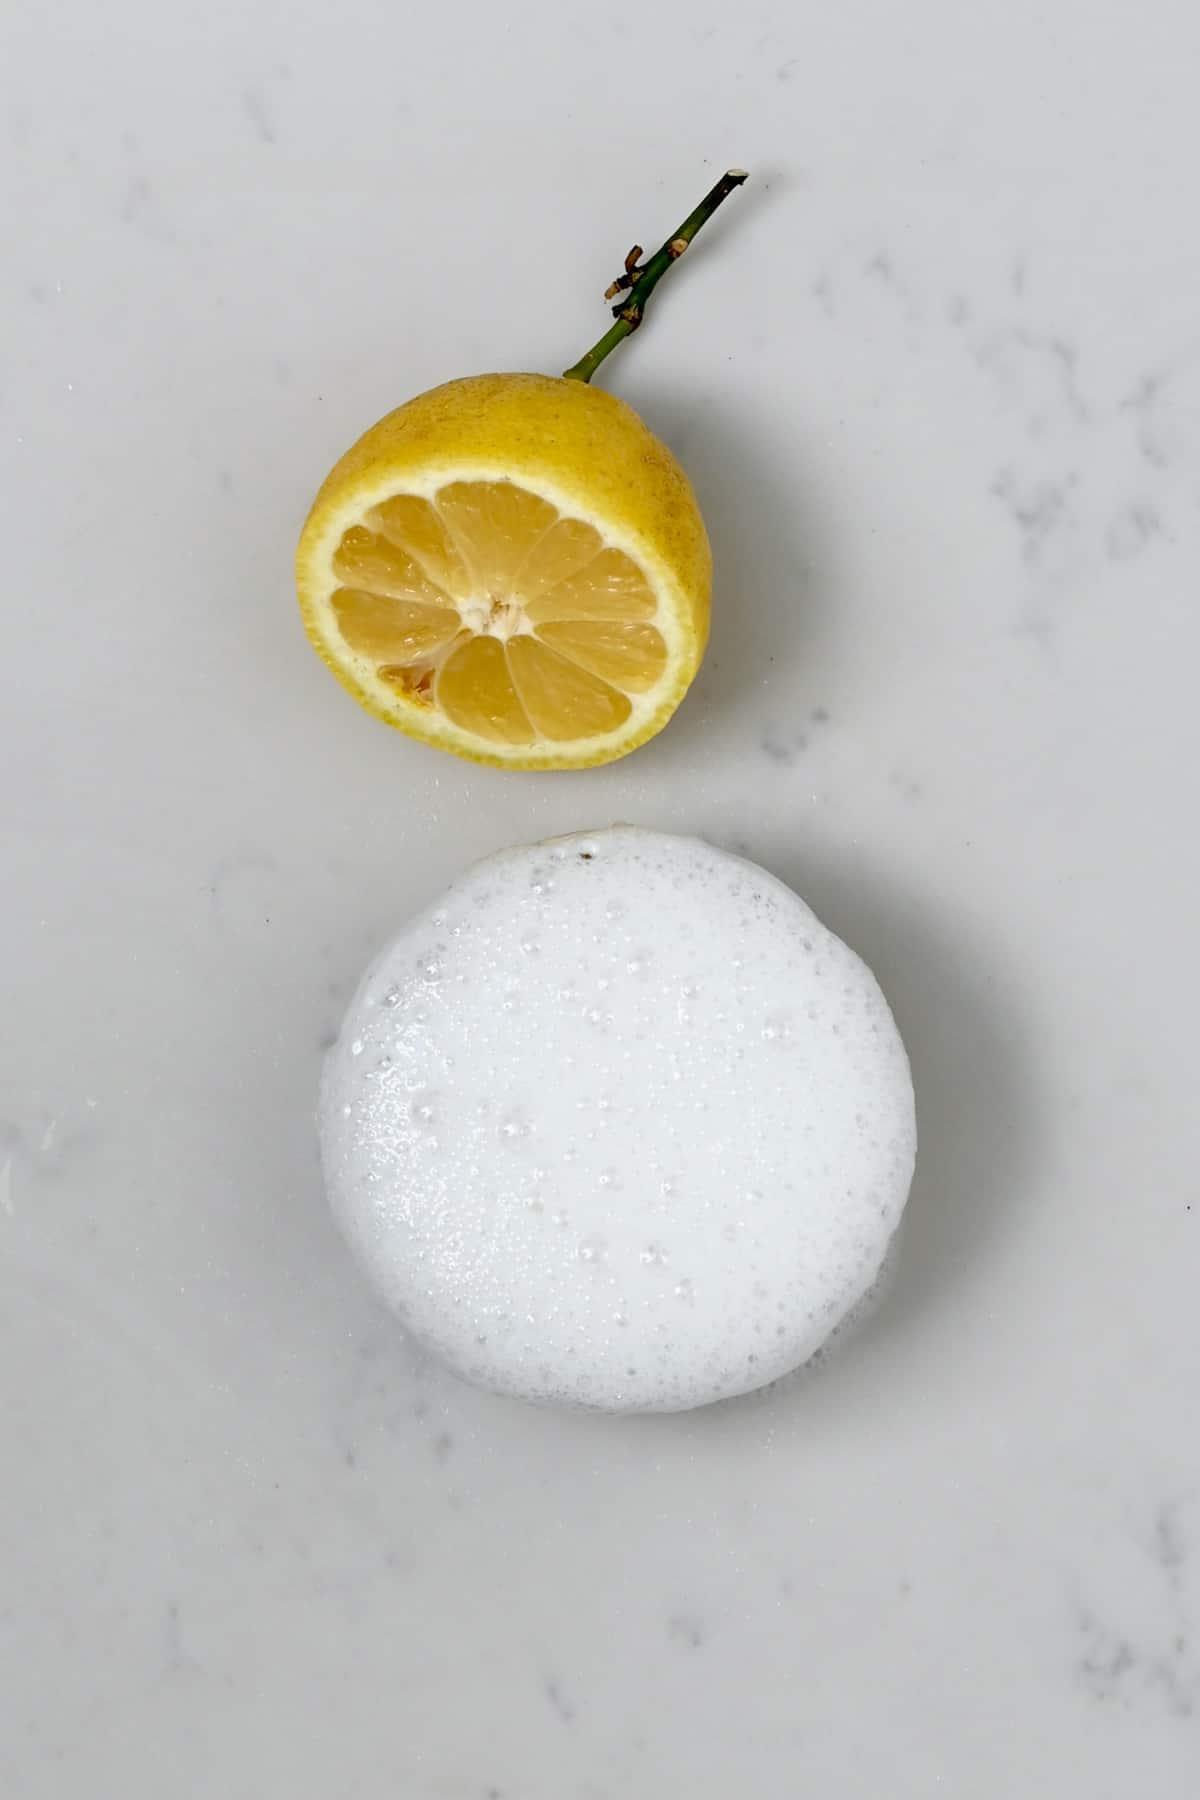 Baking soda reacting to lemon juice